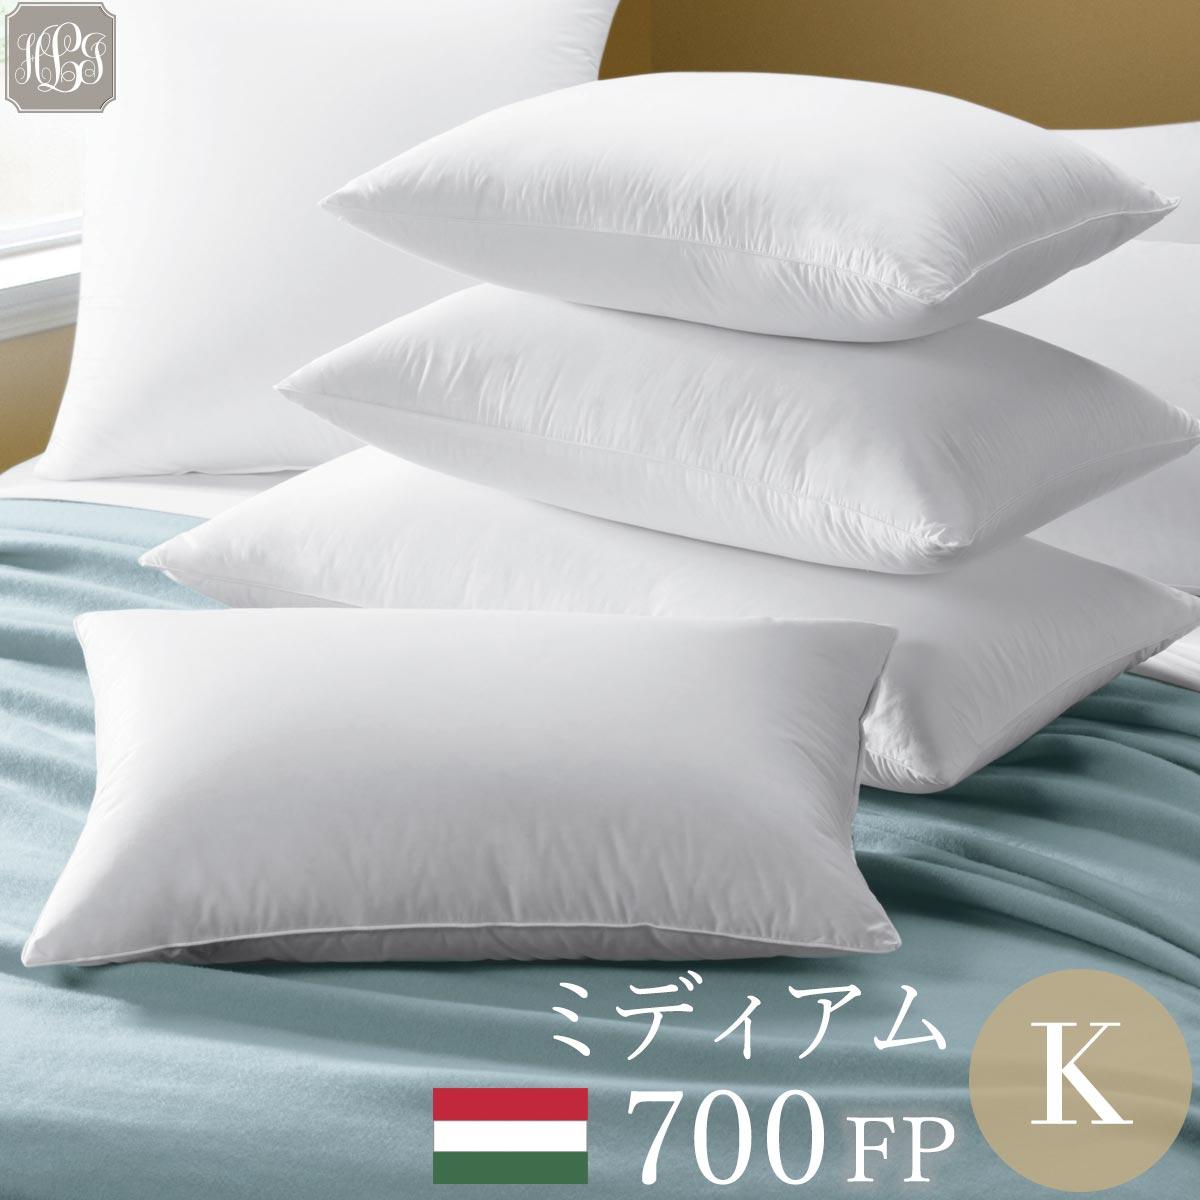 羽毛枕 700FPヨーロピアンホワイトグース キング 50cmx91cm ミディアム 高級ホテル 高め 80番手 超長綿100%